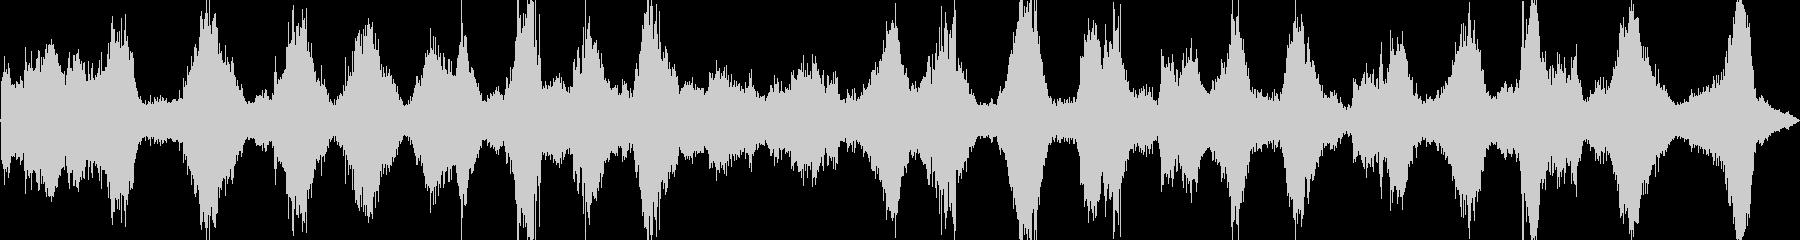 海、激しい波の音(バイノーラル録音)の未再生の波形